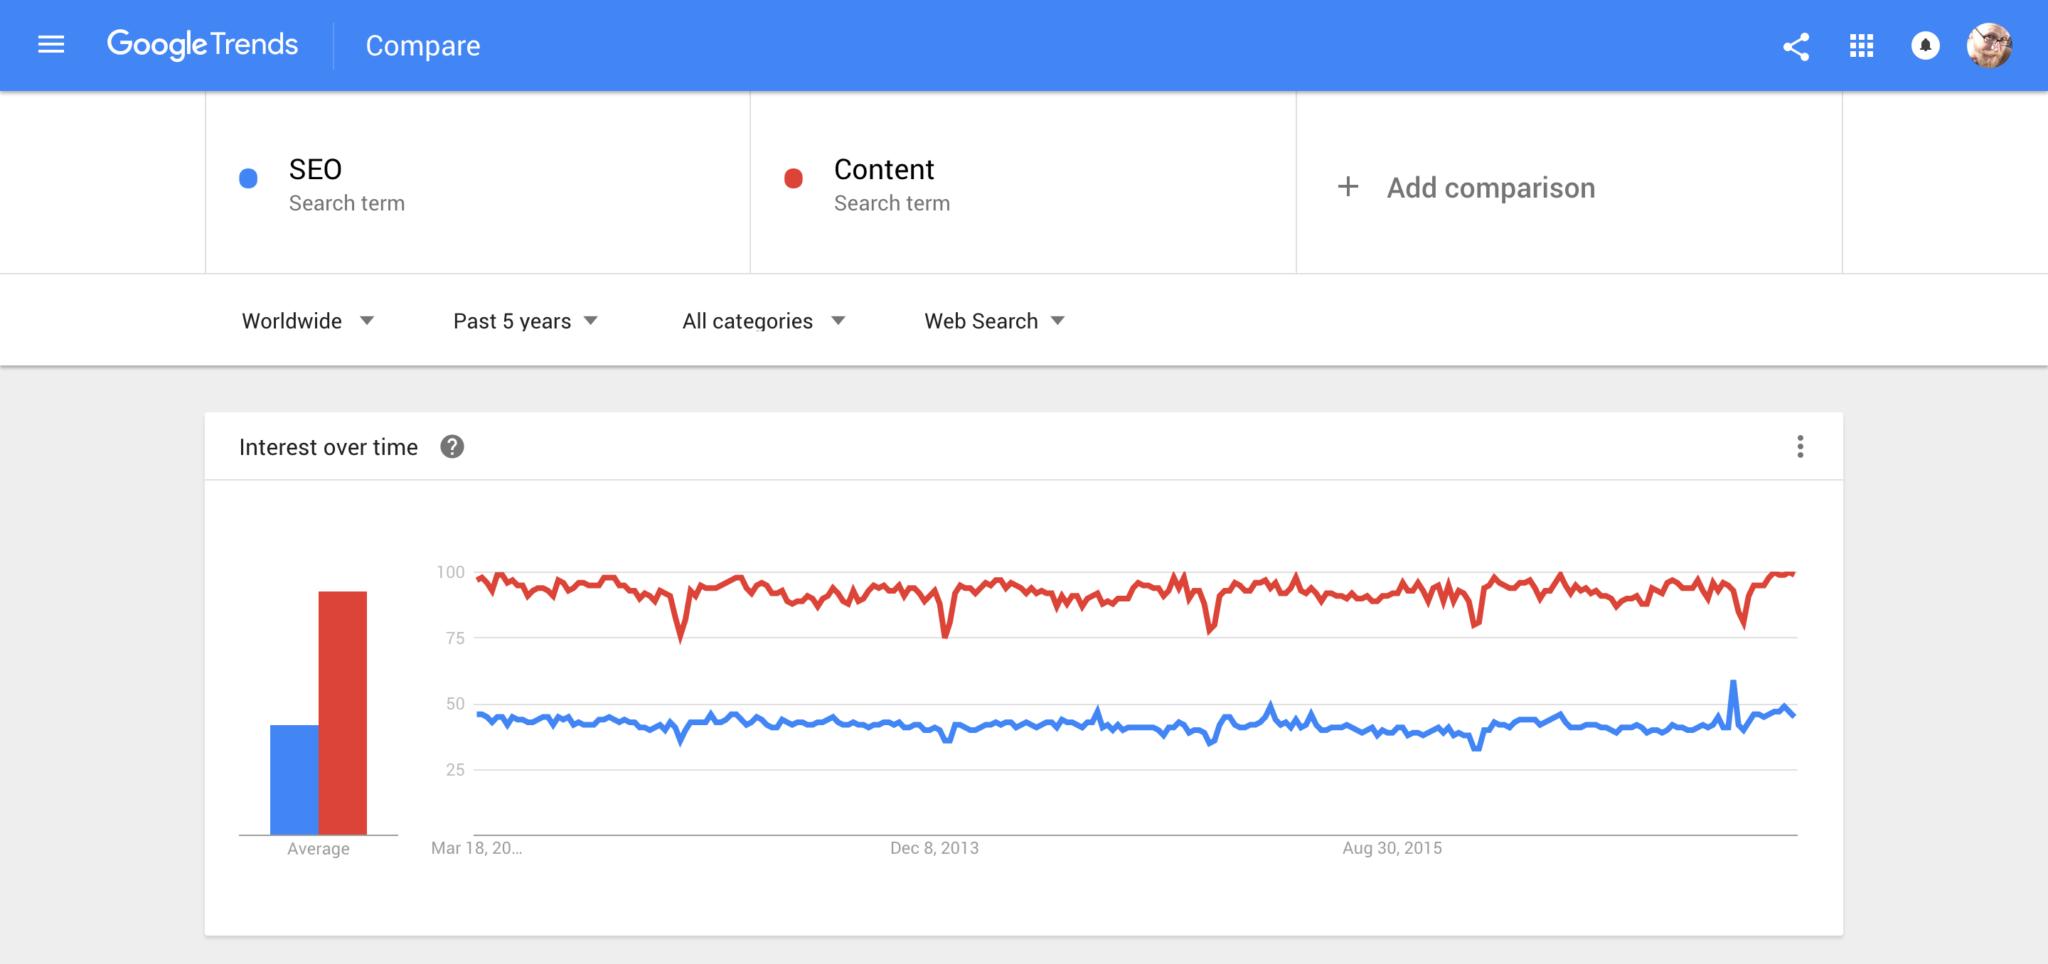 xu hướng seo và nội dung google